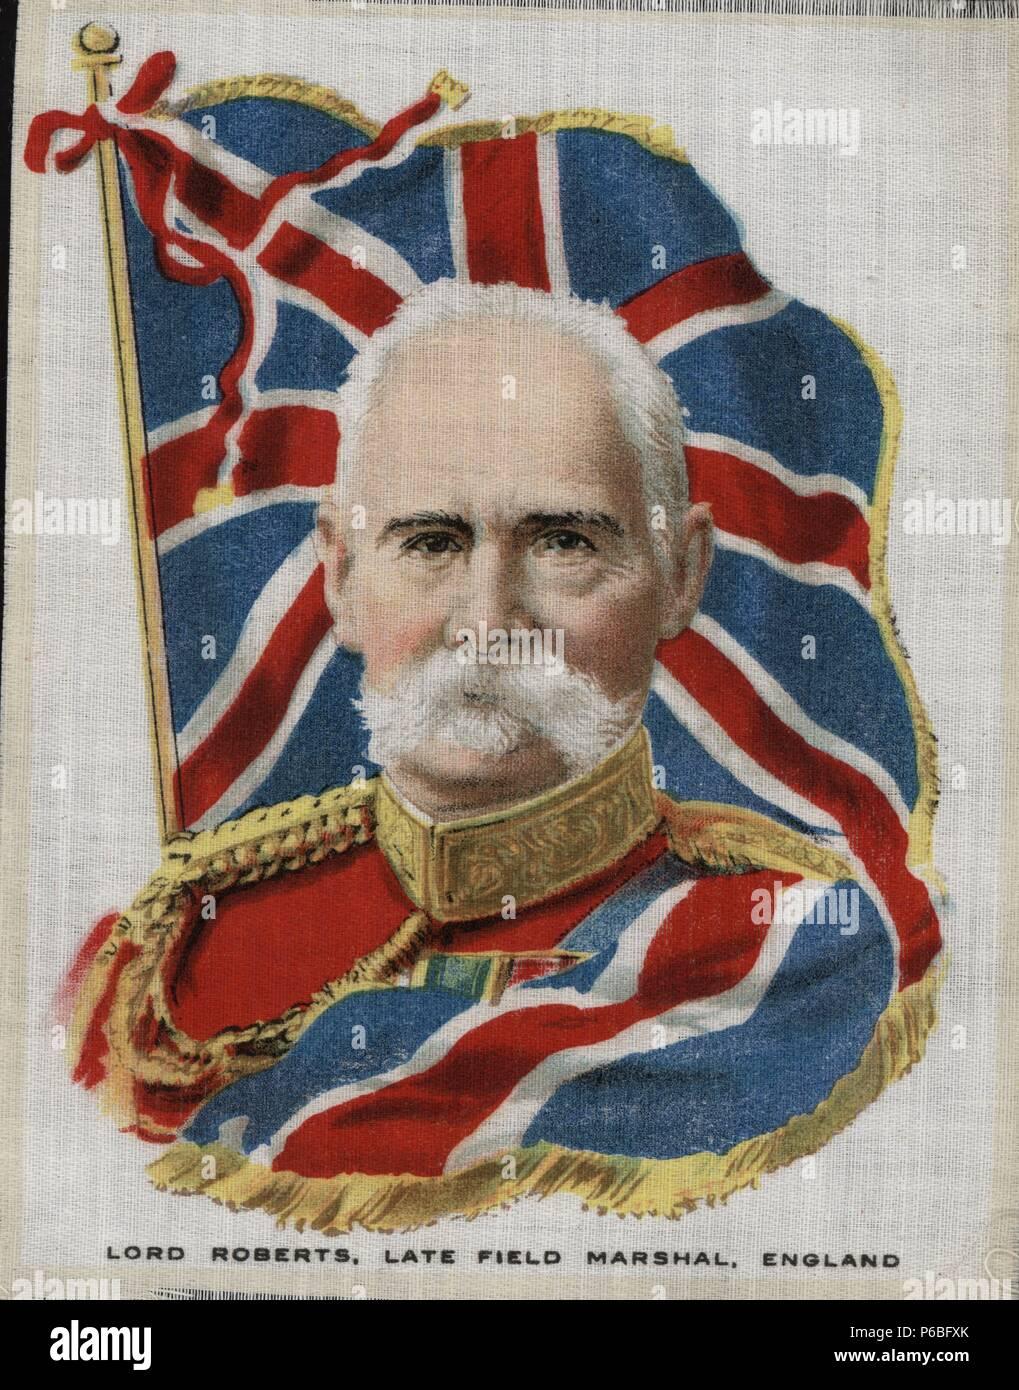 Lord Frederick Sleigh Roberts (1832-1914) conde de Kandahar, mariscal de campo, último comandante en jefe de las fuerzas británicas hasta la abolición del cargo en 1904. Retrato y bandera impresos sobre tela. Años 1920. - Stock Image